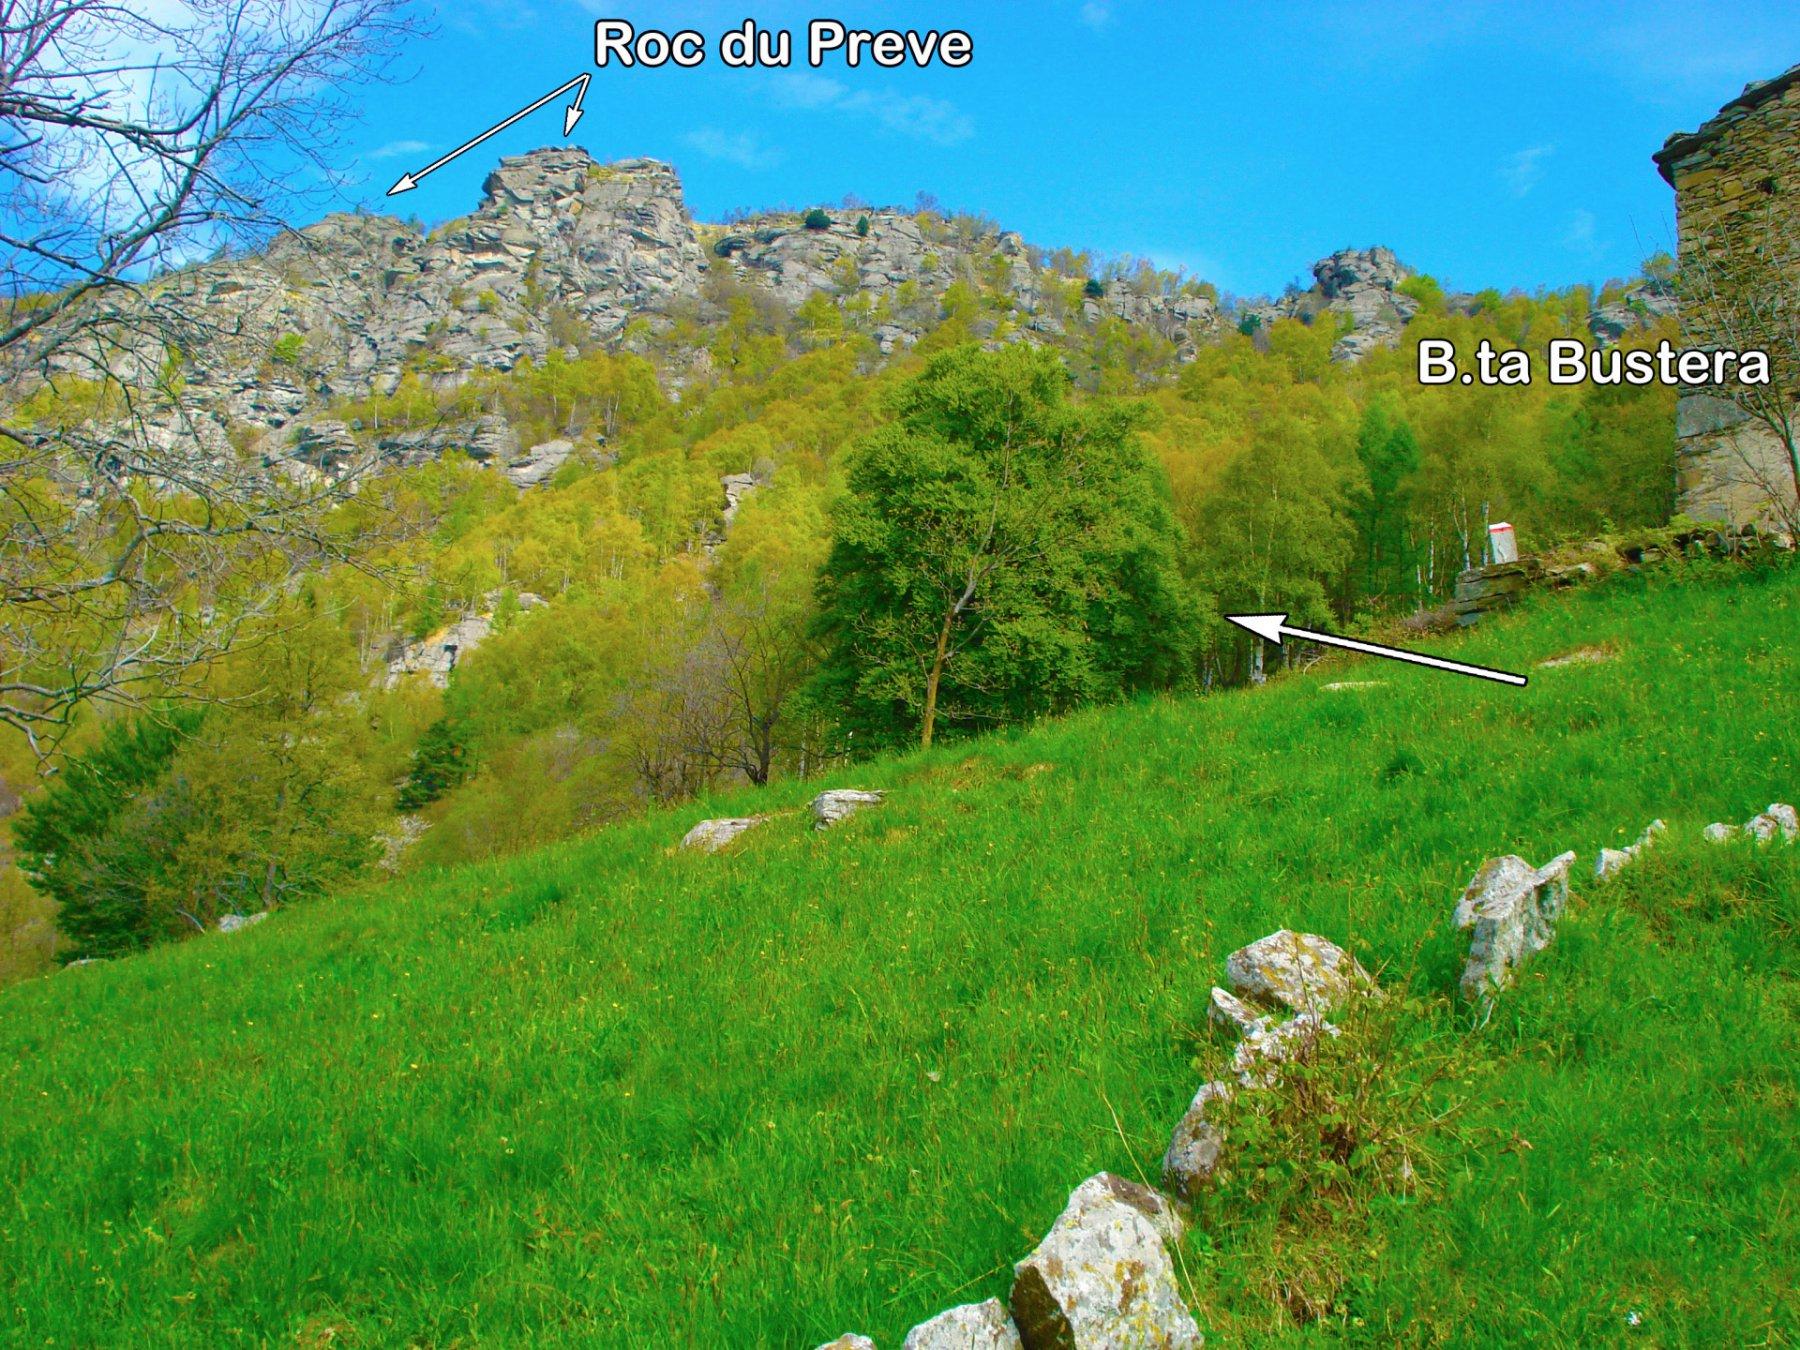 Superata B.ta Bustera, prendere a sx il sentiero indicato con cartelli rossi-bianchi che inoltrandosi nel bosco, supera con una serie di tornanti una zona di imponenti massi posta più in alto per poi proseguire a sx fino alla base delle pareti